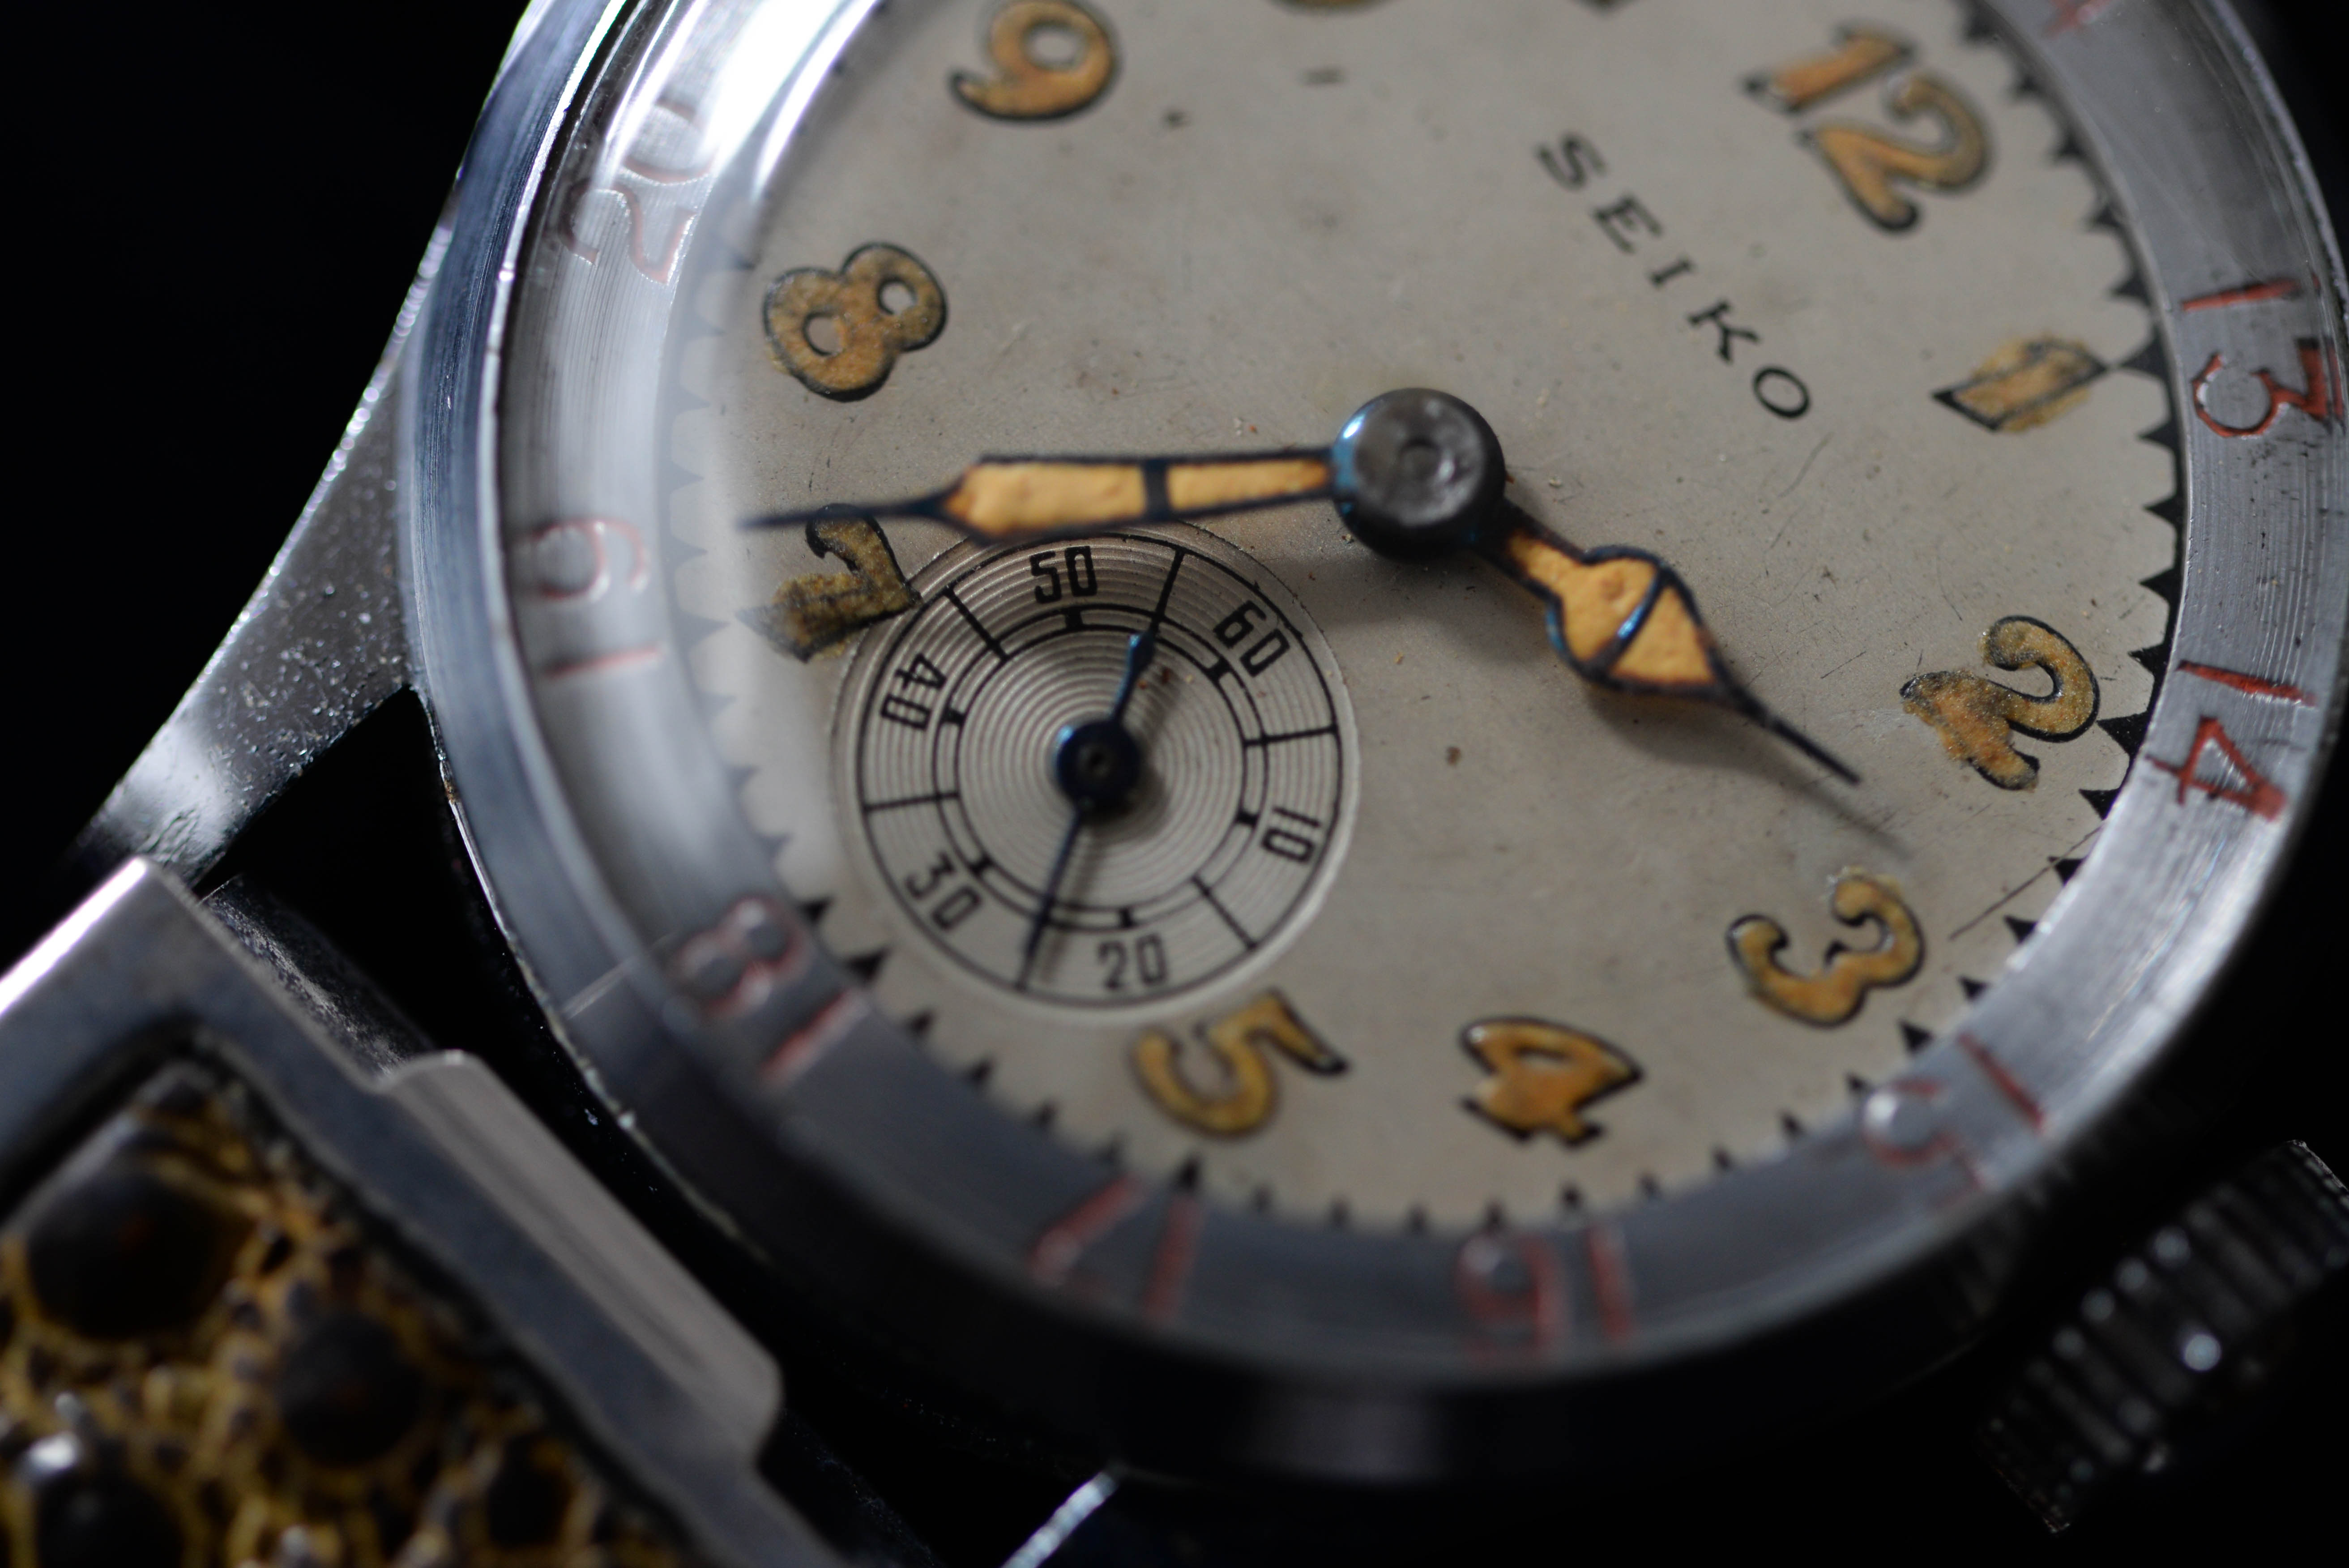 国産腕時計の工夫や意匠性にとても魅力を感じます